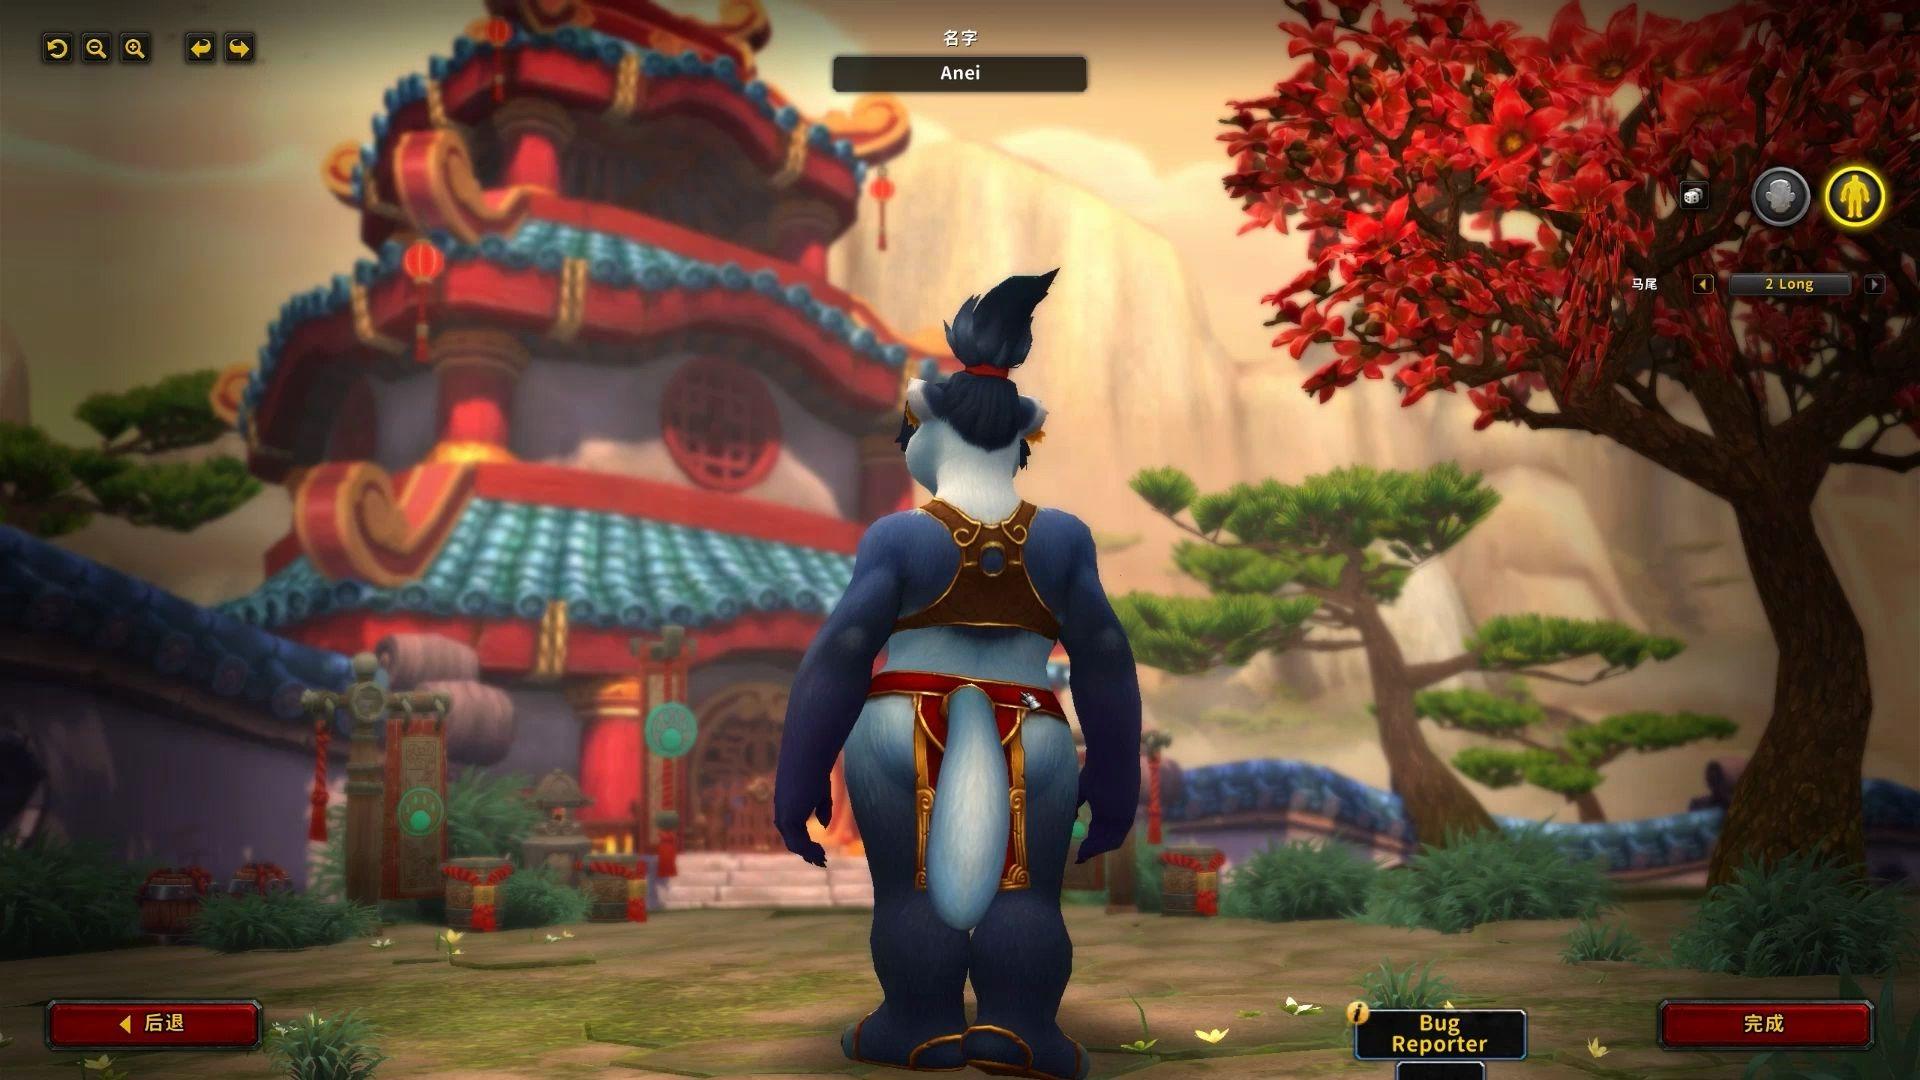 魔兽9.0熊猫人新捏人选项, 大尾巴熊猫, 熊猫变狸猫!